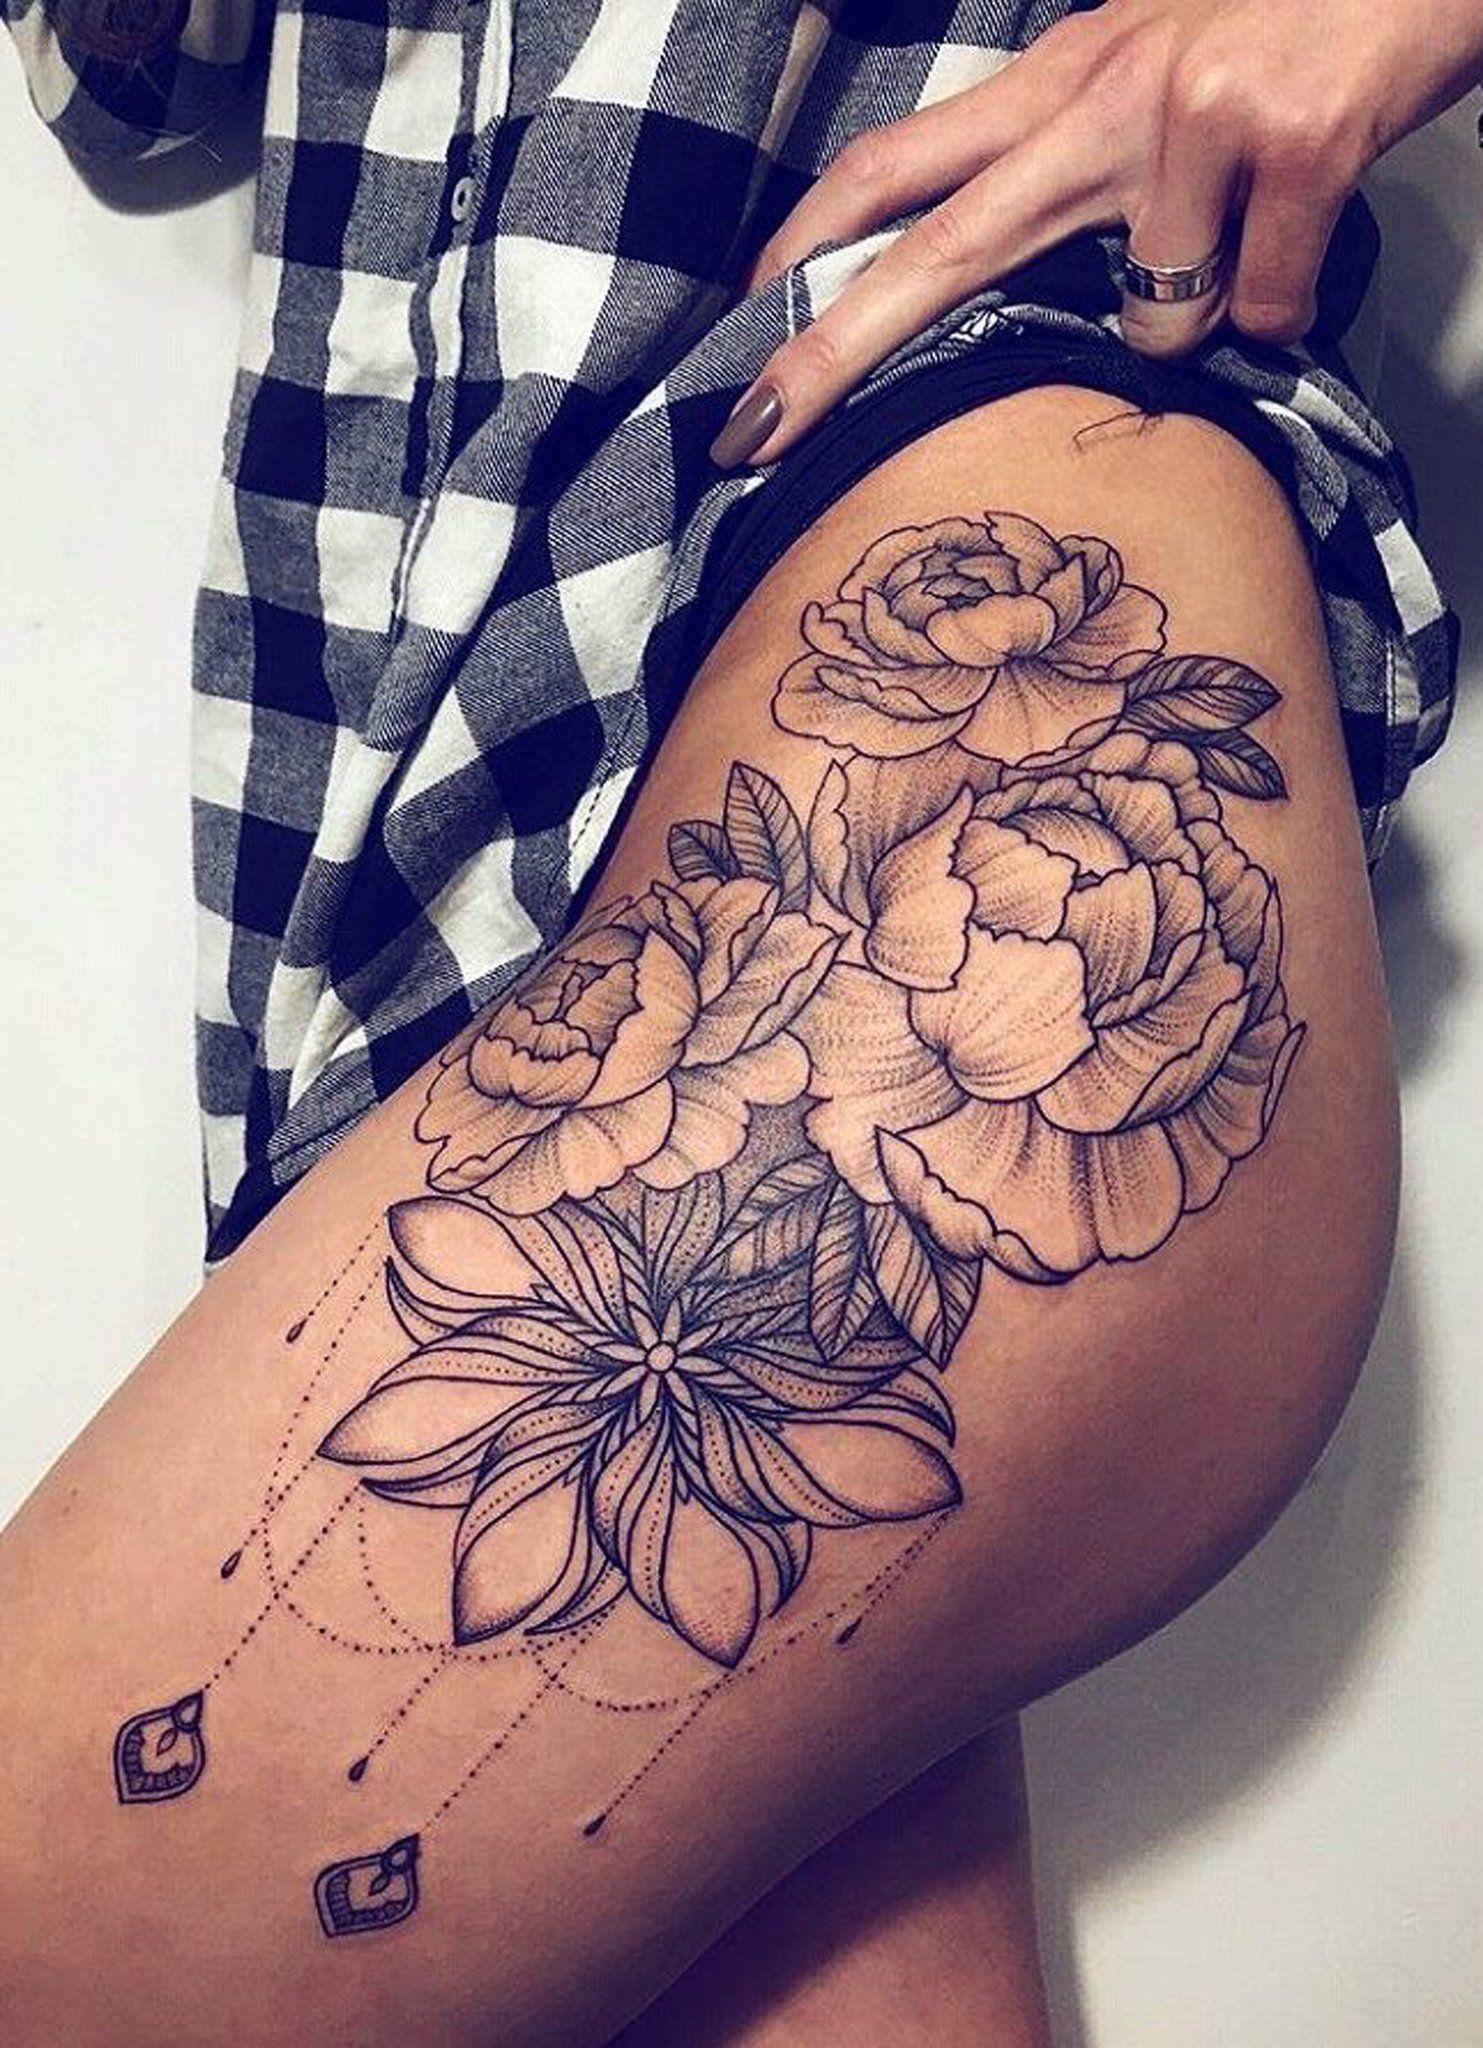 womenus badass hip tattoo ideas thigh tat tatting and tattoo